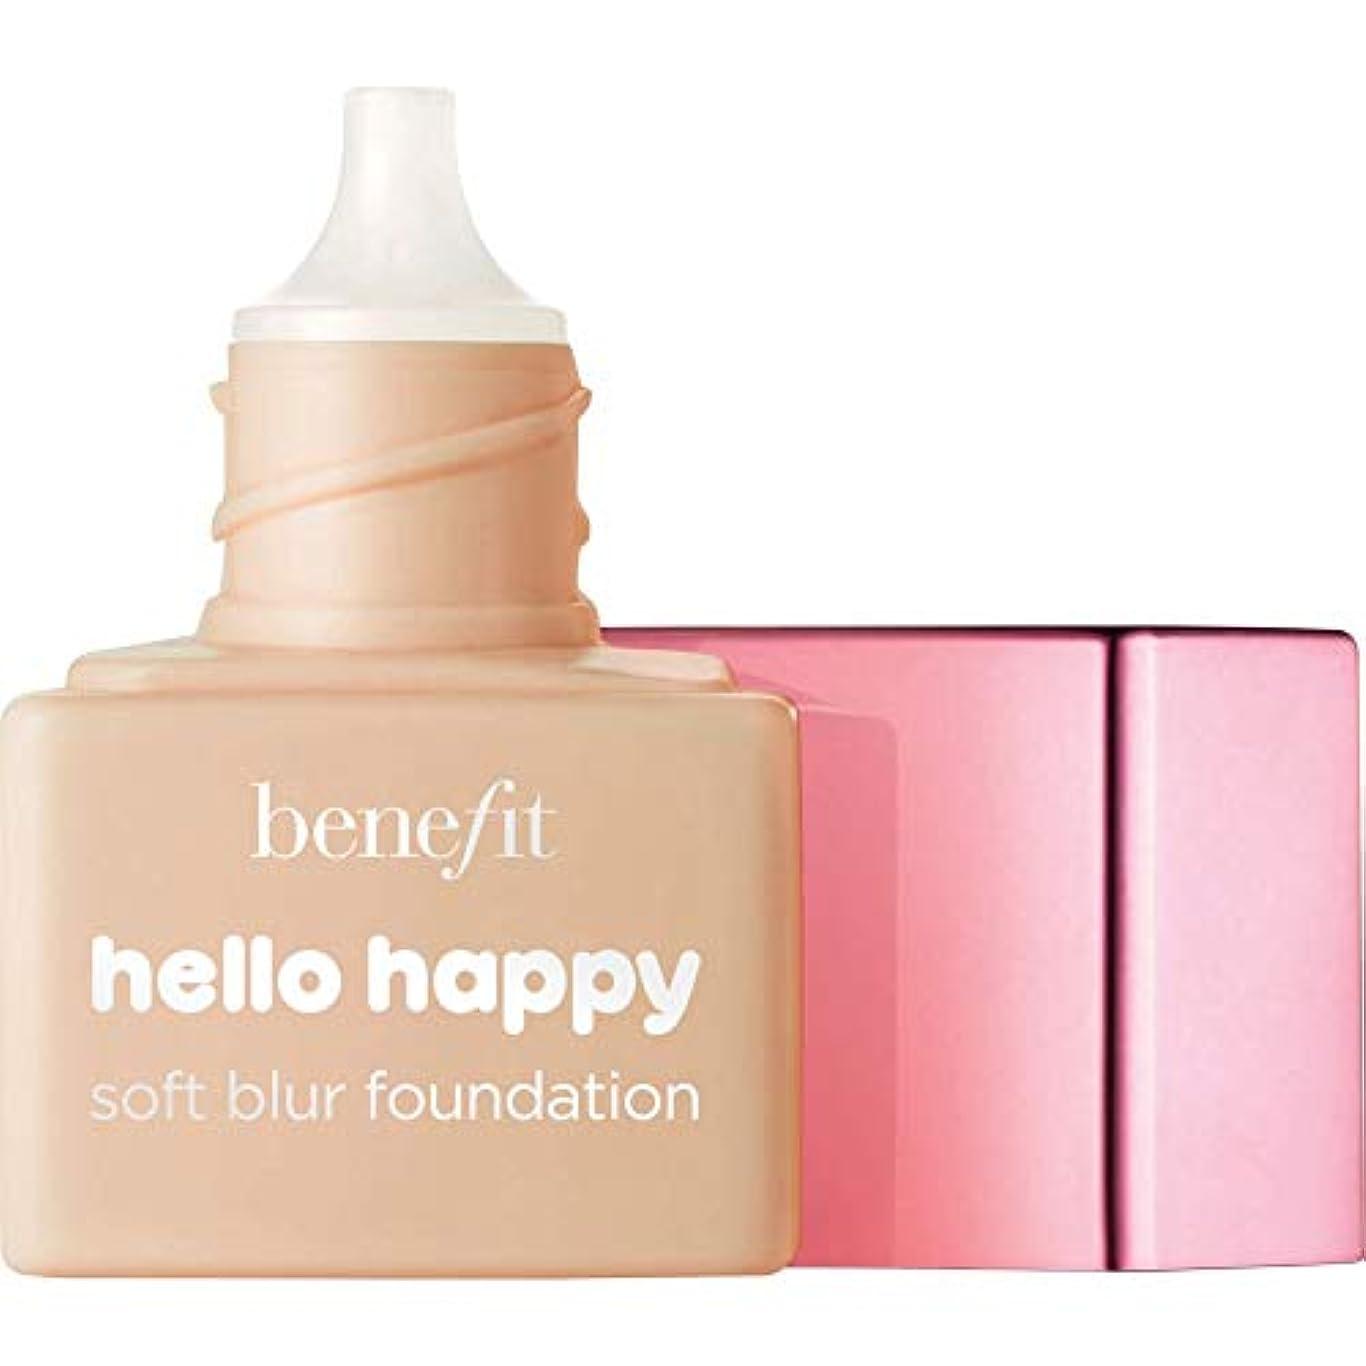 あえておしゃれな照らす[Benefit ] ミニ4 - - こんにちは幸せソフトブラー基礎Spf15の6ミリリットルの利益中性媒体中 - Benefit Hello Happy Soft Blur Foundation SPF15 6ml -...